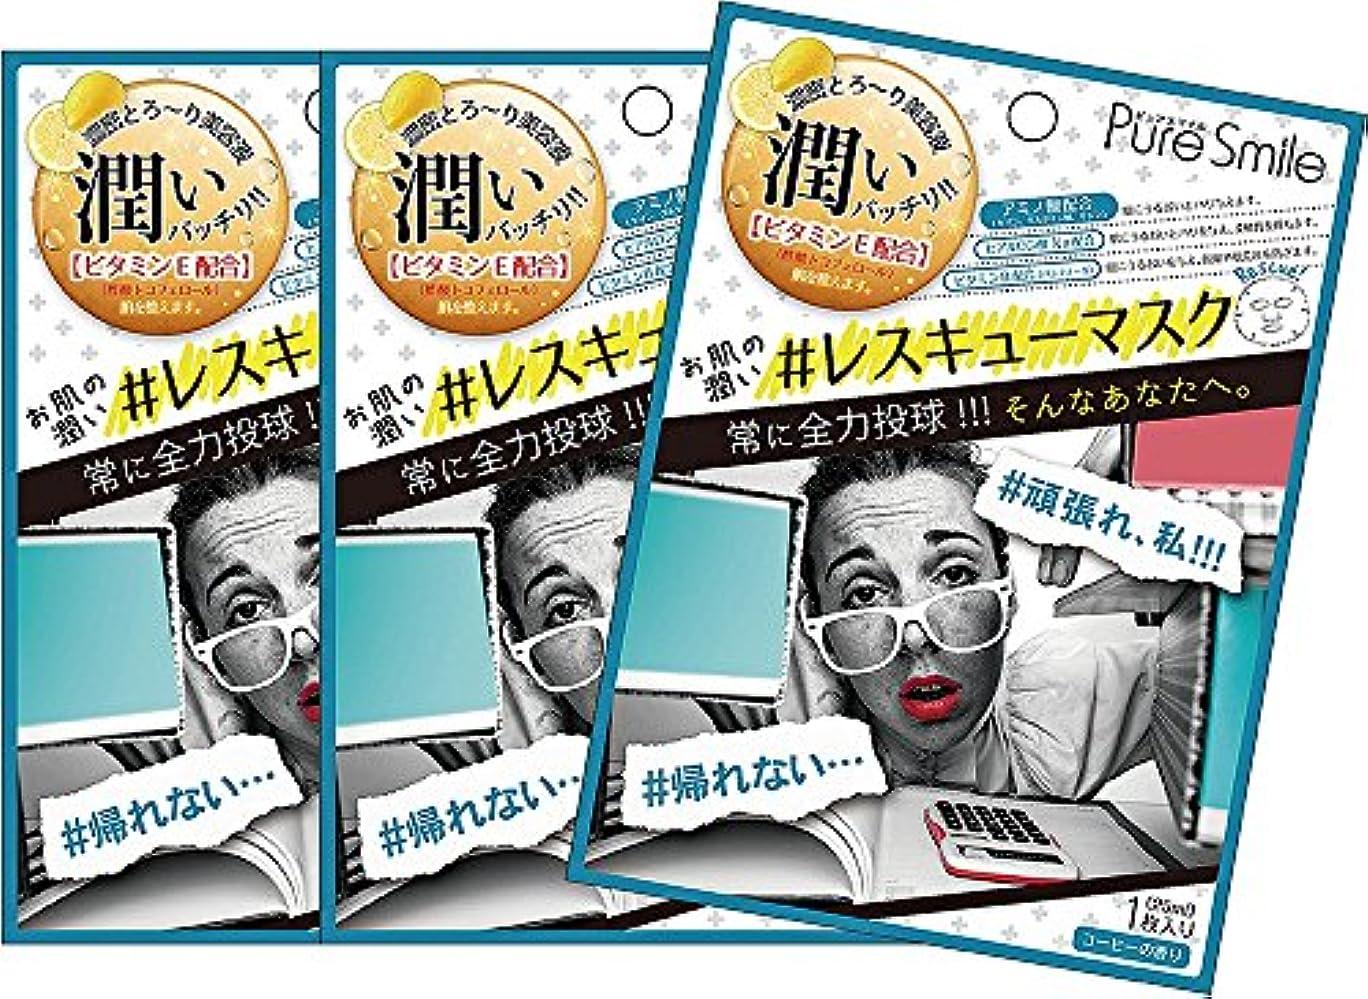 マントトラップ固体ピュアスマイル 『レスキューマスク』【残業疲れ/アミノ酸でレスキュー(コーヒーの香り)ビタミンE配合】3枚セット